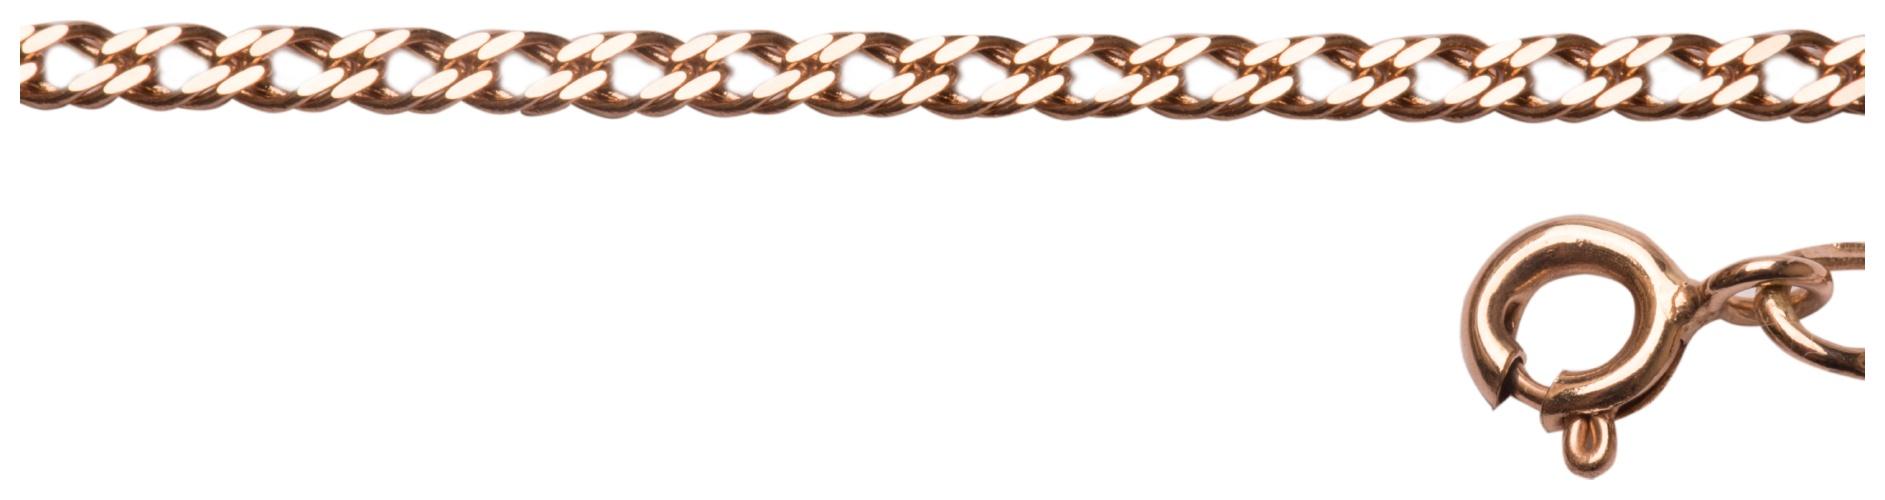 картинка браслет из золота 585° Б-241